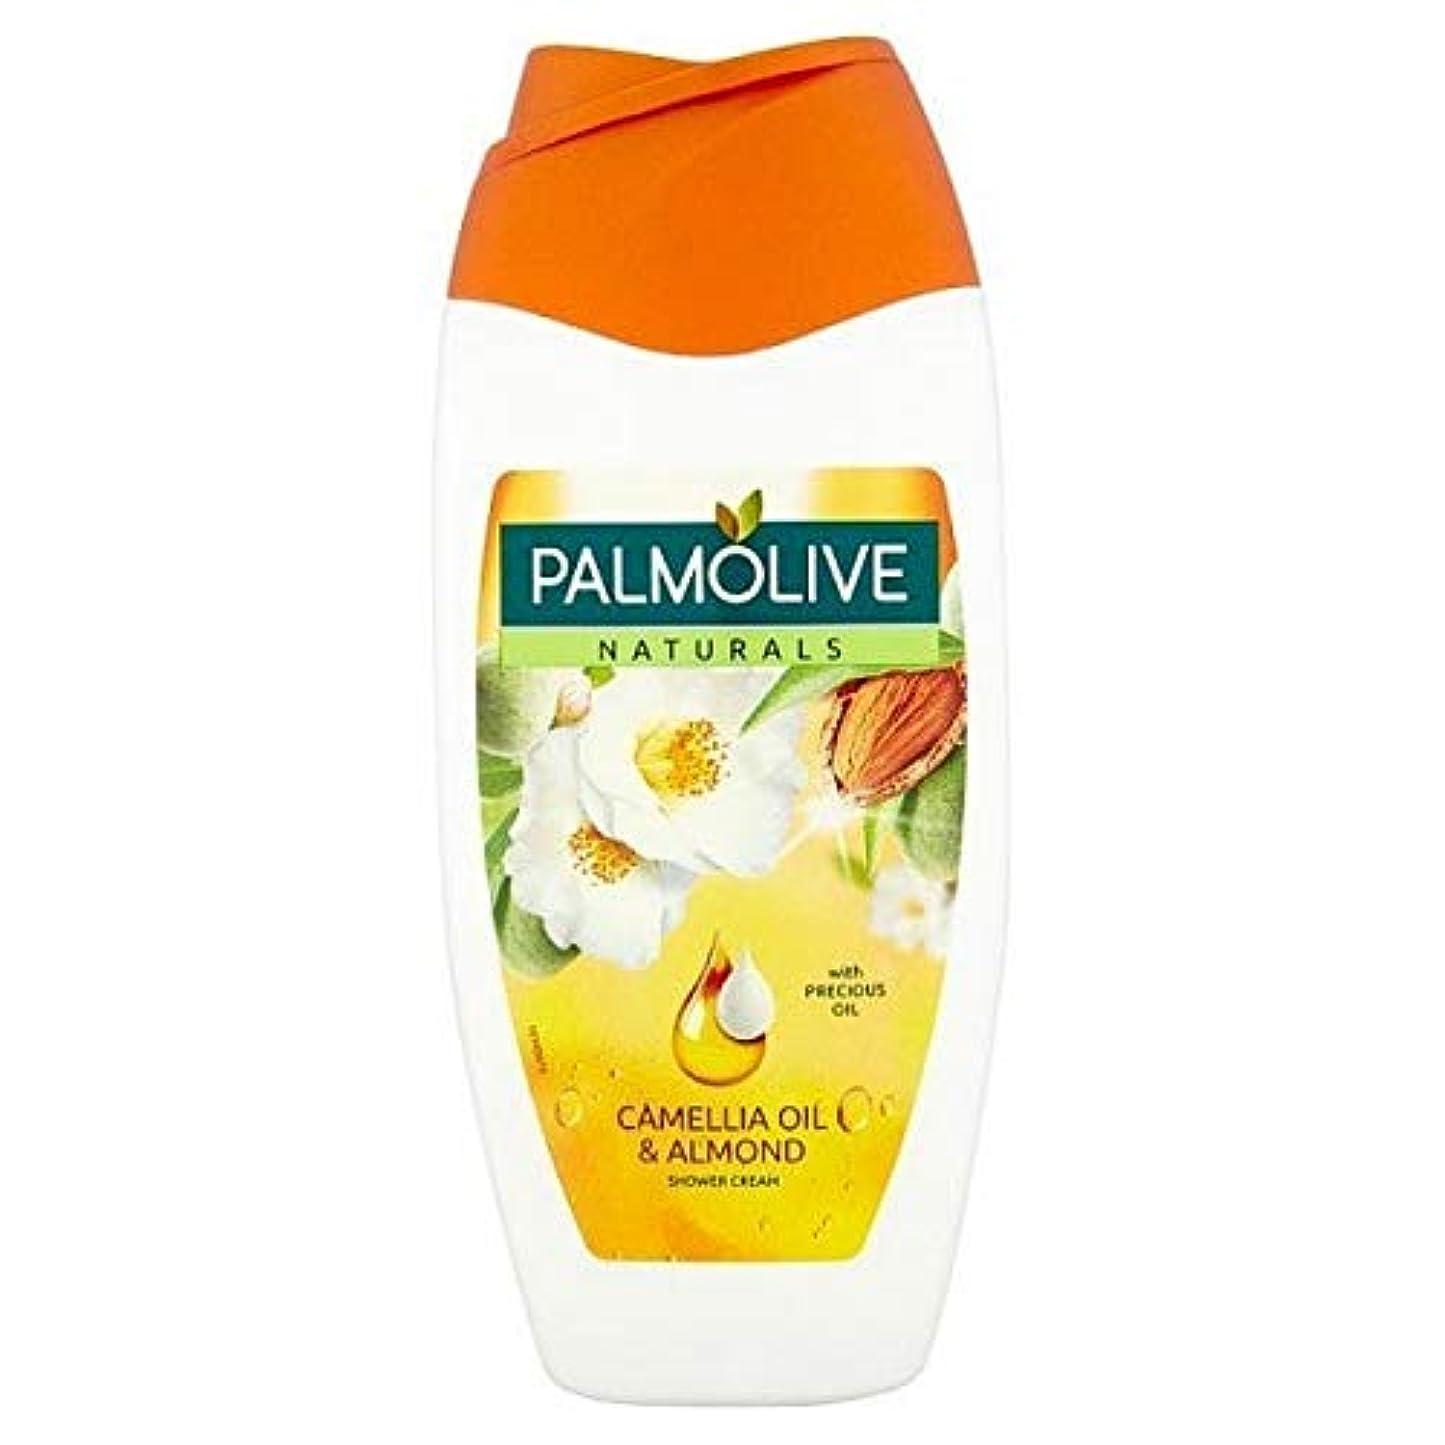 続編質量領事館[Palmolive ] パルモナチュラル椿油&アーモンドシャワージェル250ミリリットル - Palmolive Naturals Camellia Oil & Almond Shower Gel 250ml [並行輸入品]